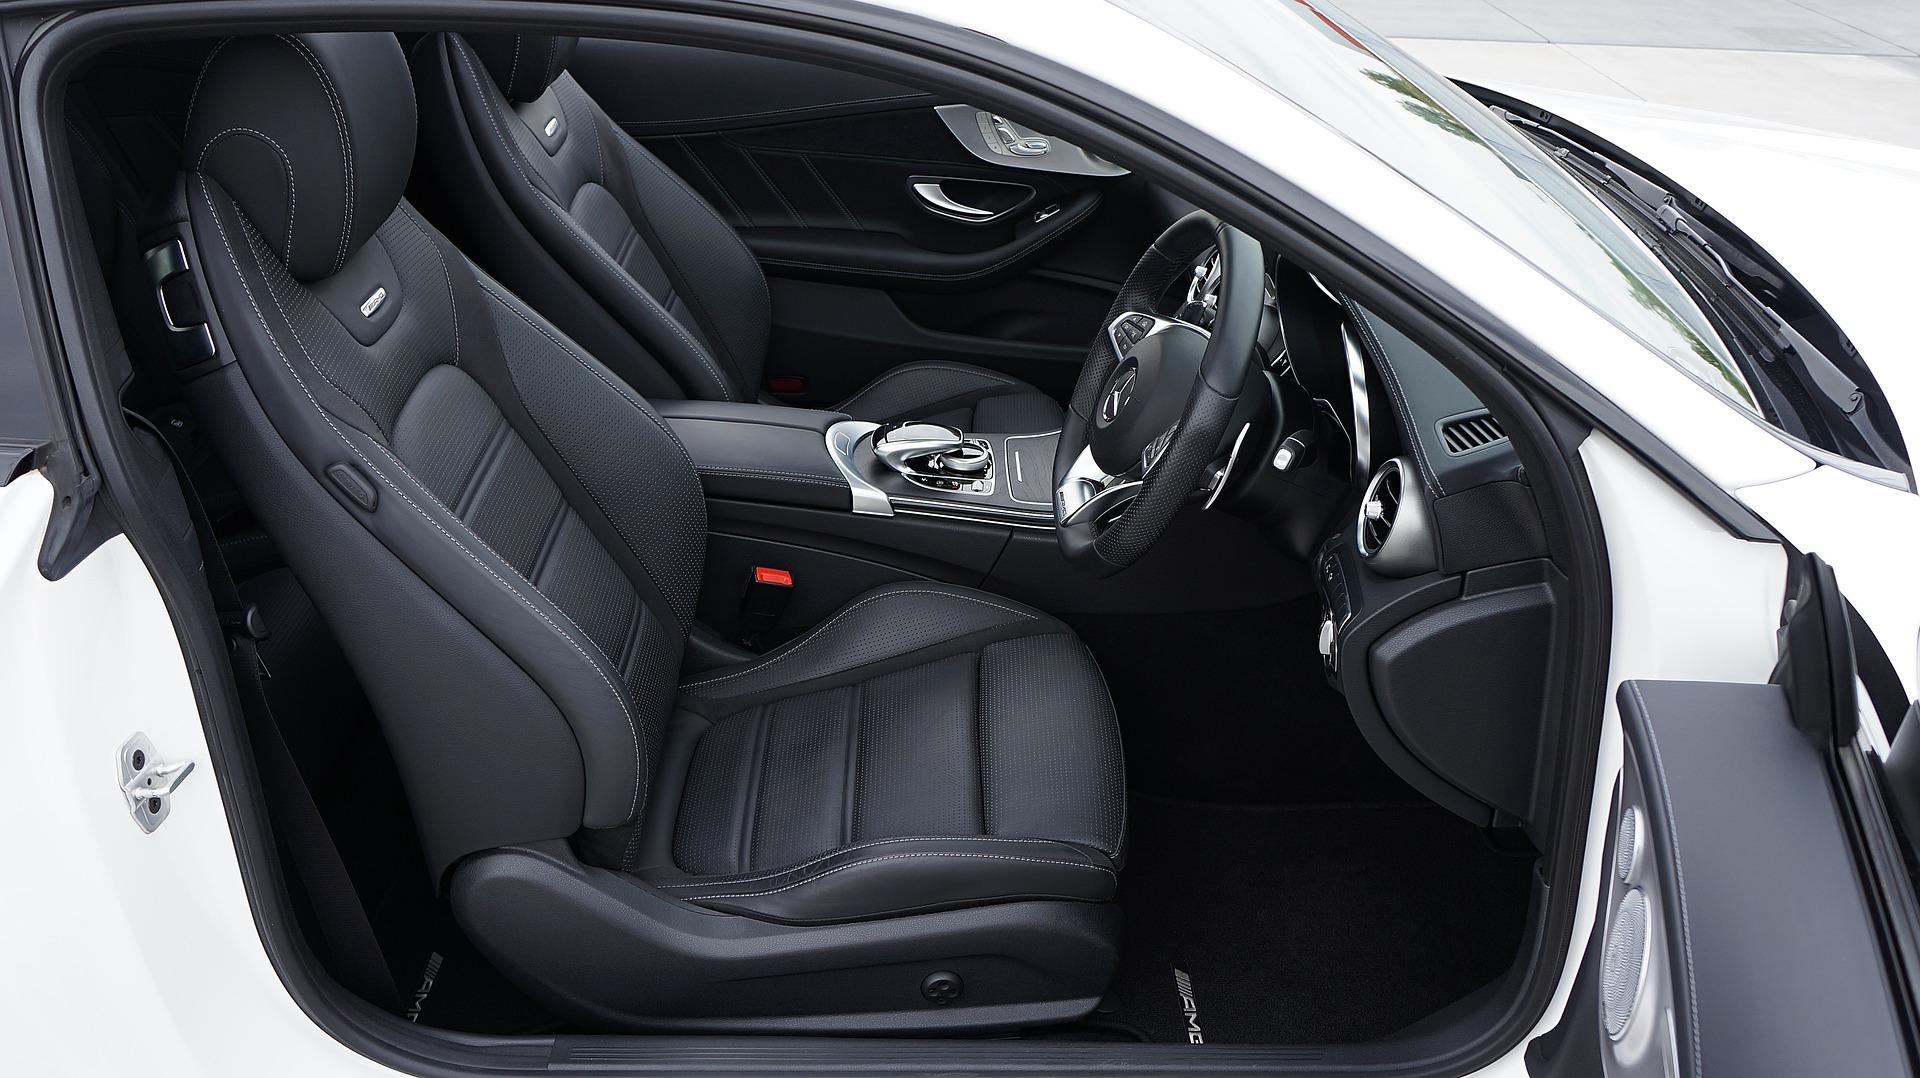 La Mercedes AMG C63 - Les Caractéristiques et Prix